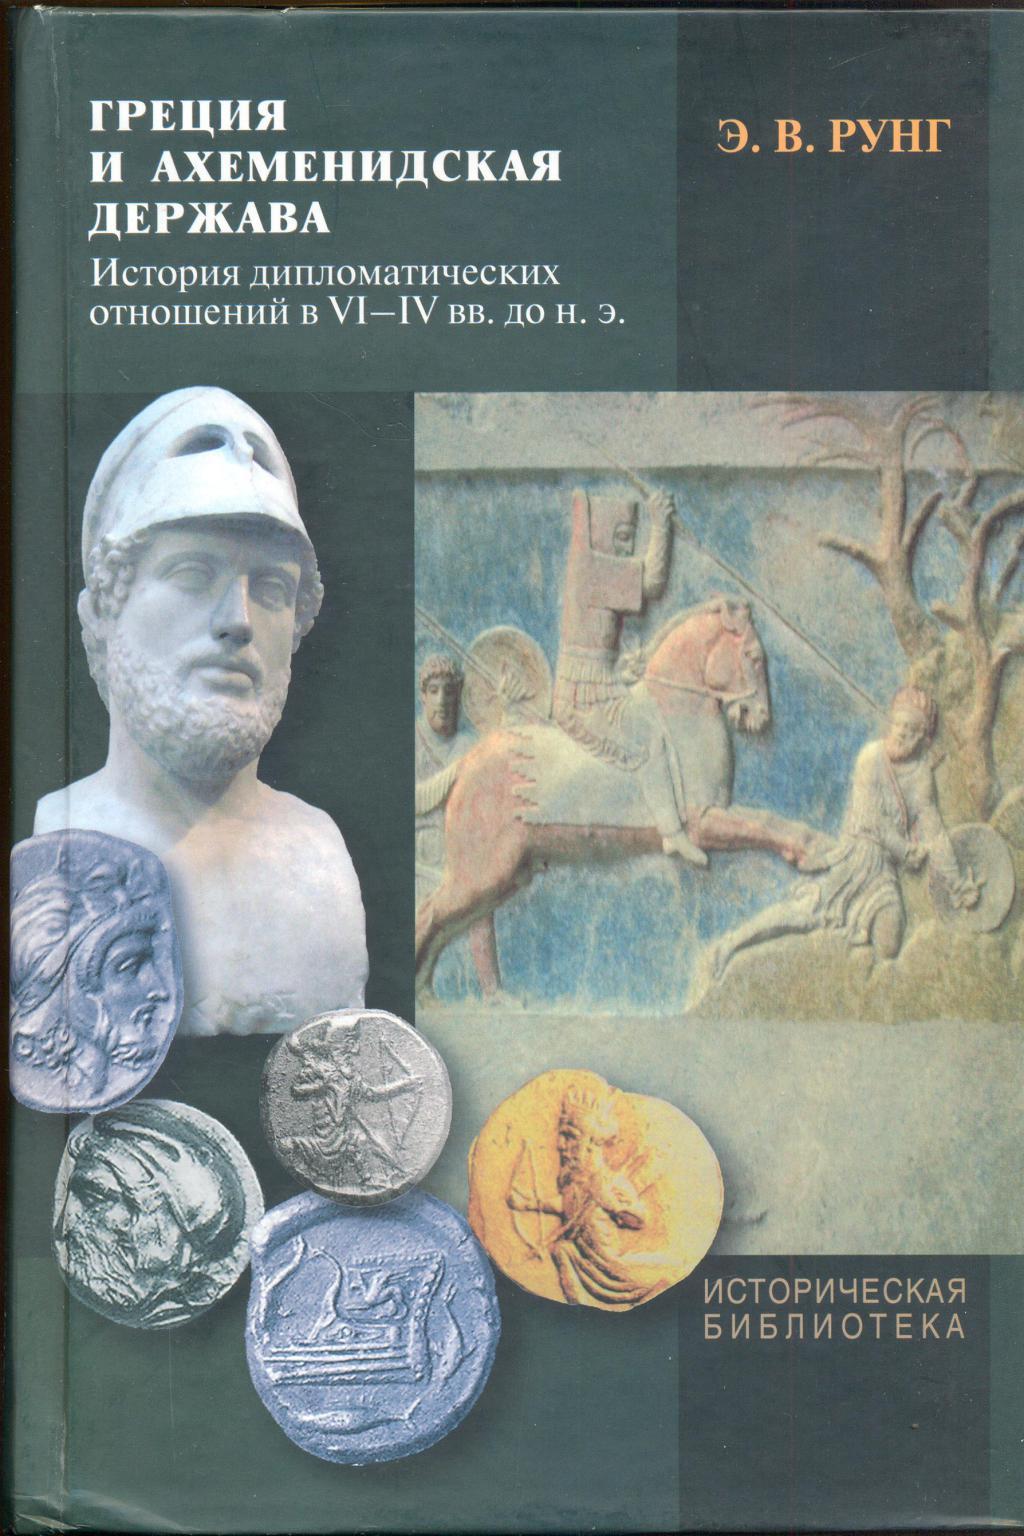 Рунг э в греция и ахеменидская держава история дипломатических